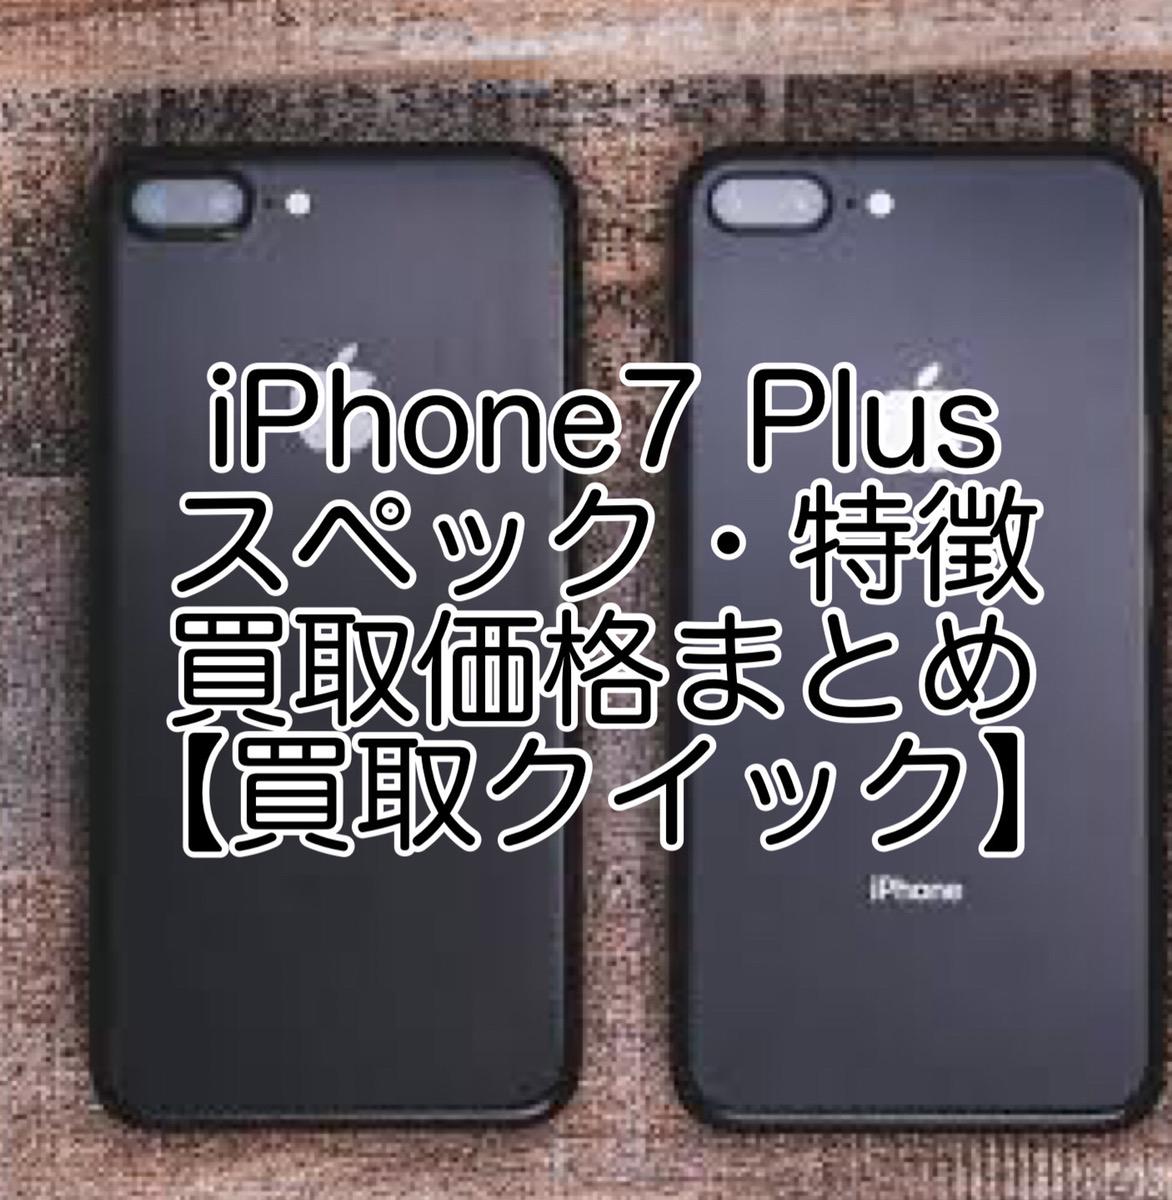 iPhone7 Plusのスペックや特徴、買取価格まとめ【買取クイック】